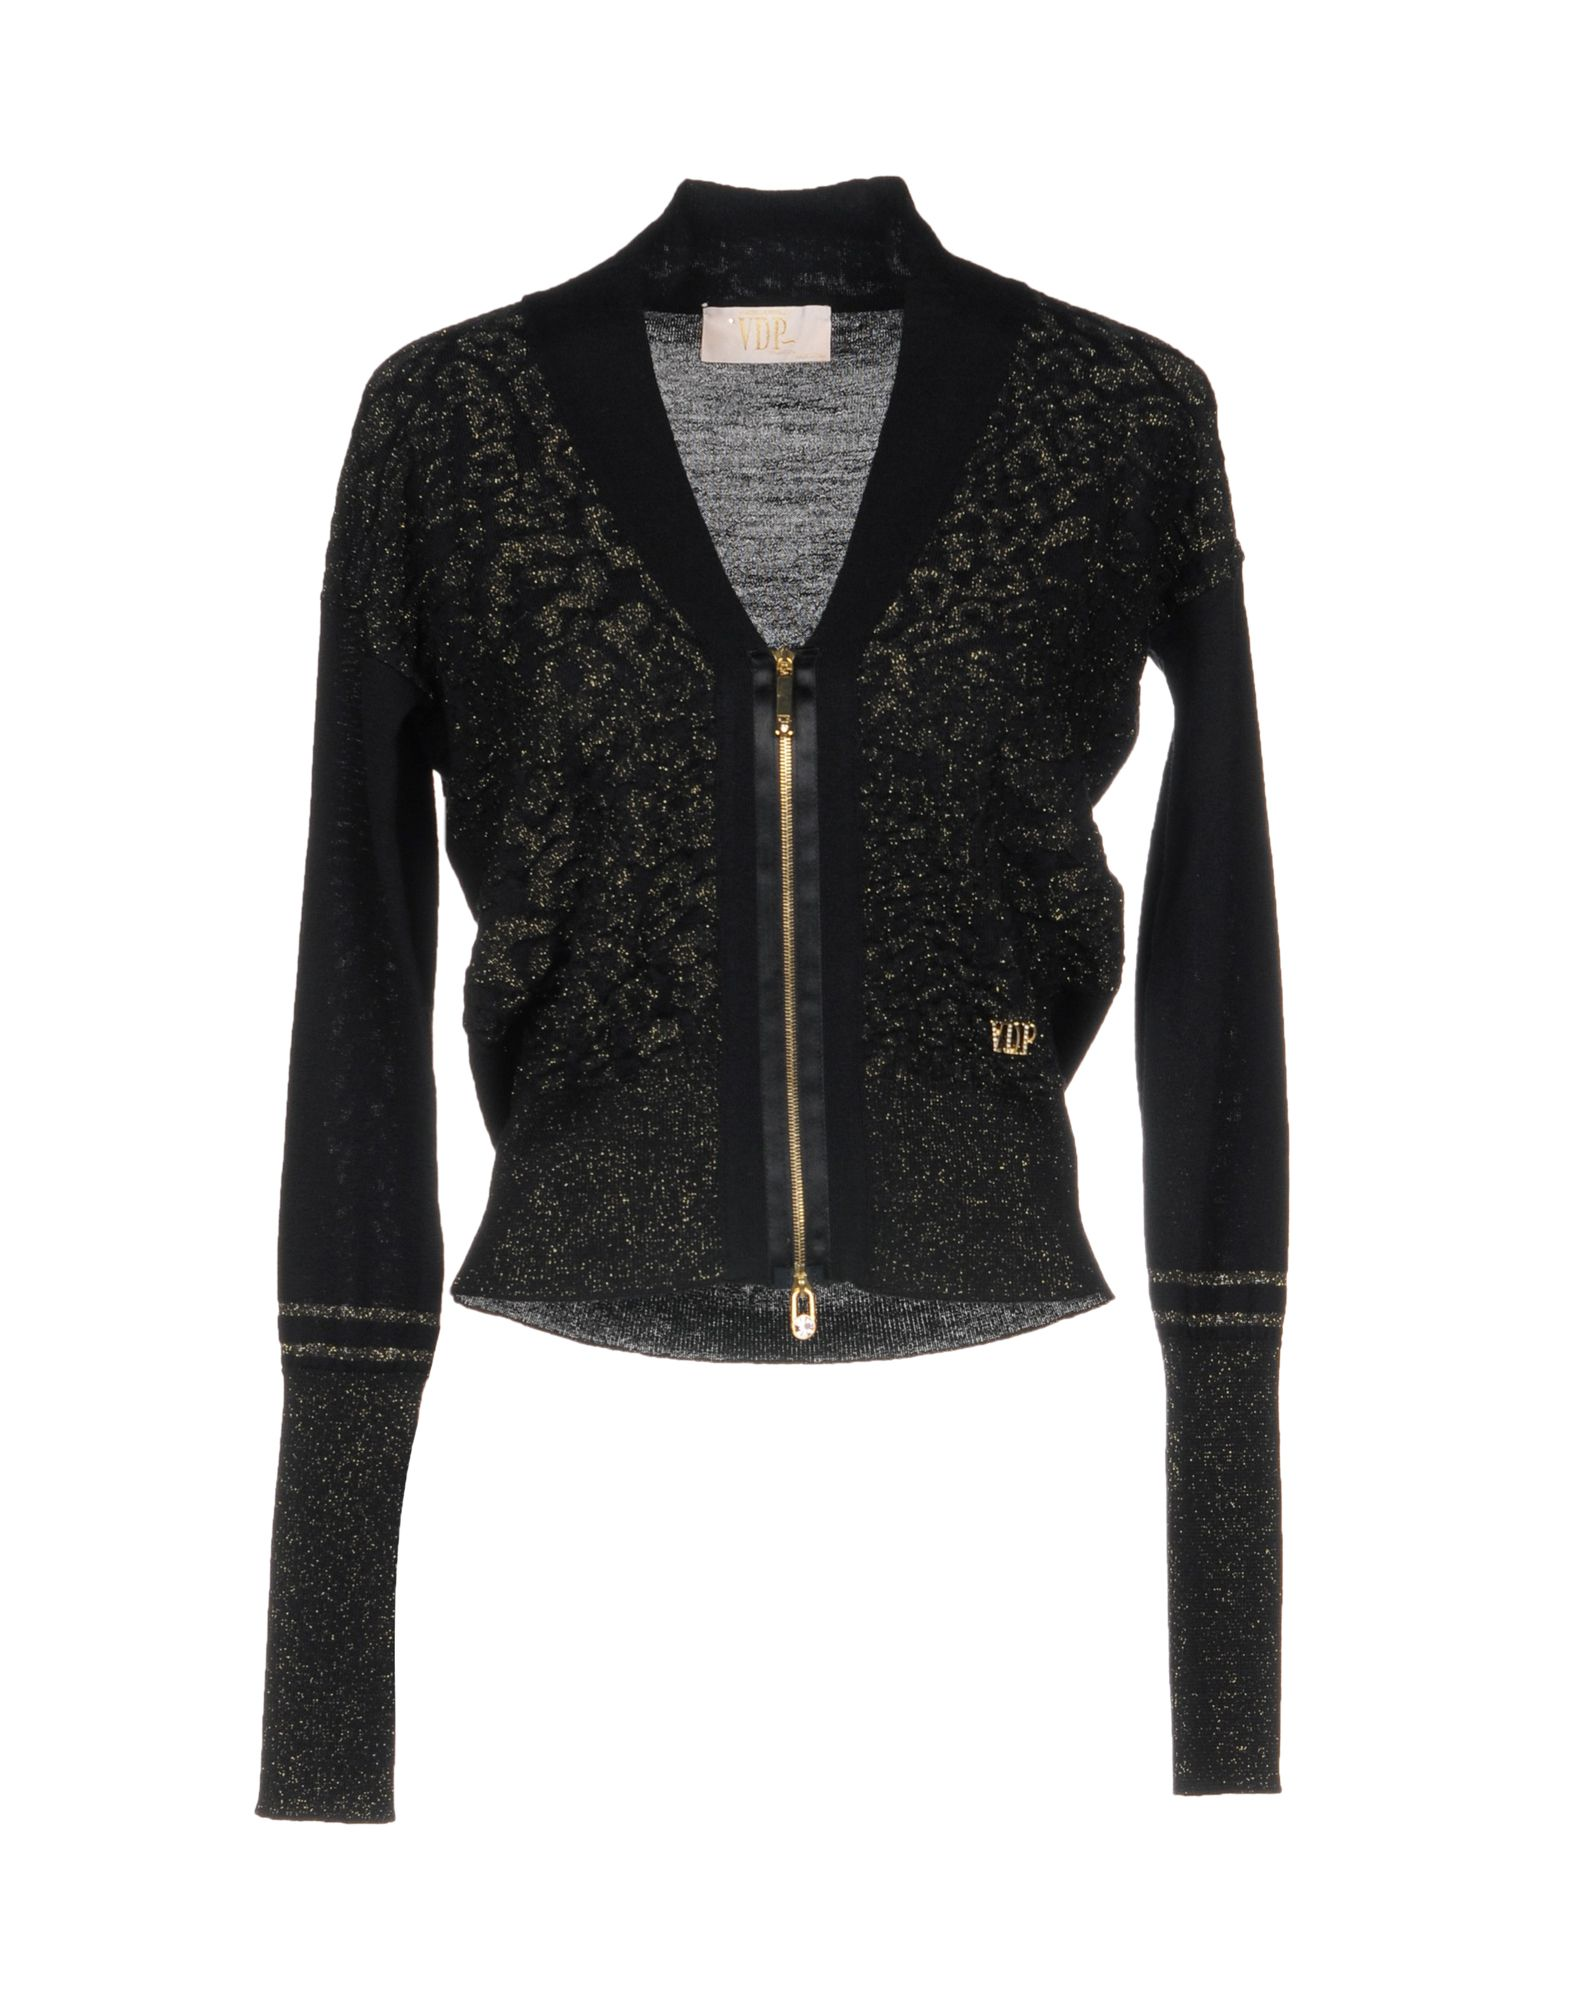 Cardigan Vdp Collection Donna - Acquista online su GKB2kJYfHe